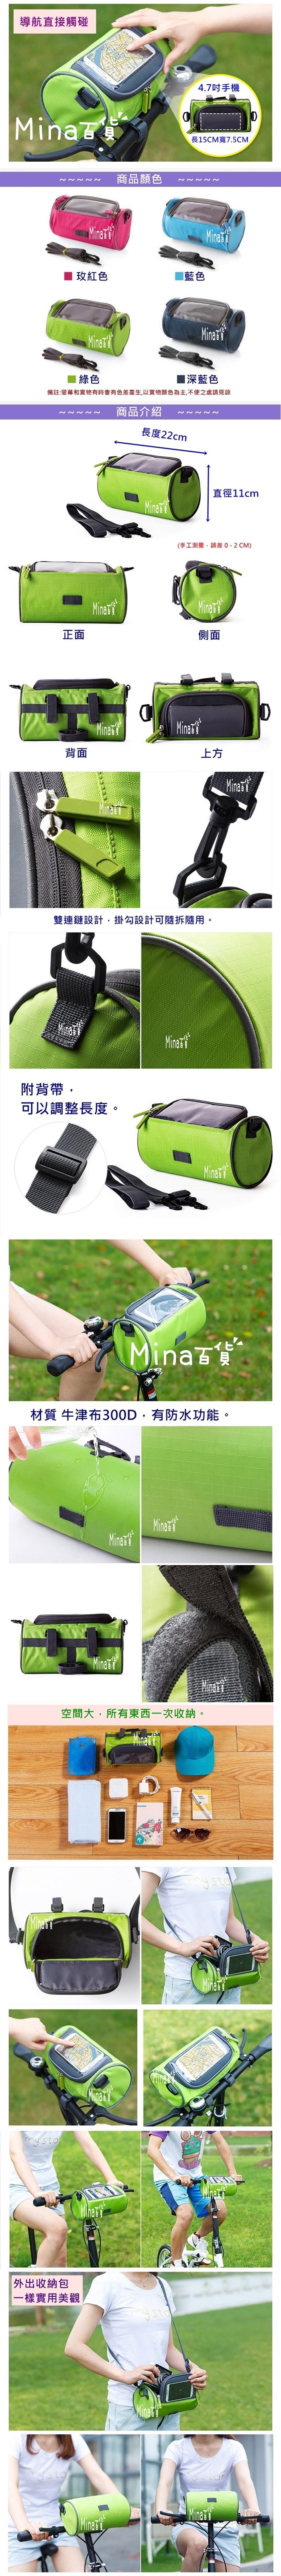 H003自行車觸屏車頭包-長圖-有mina